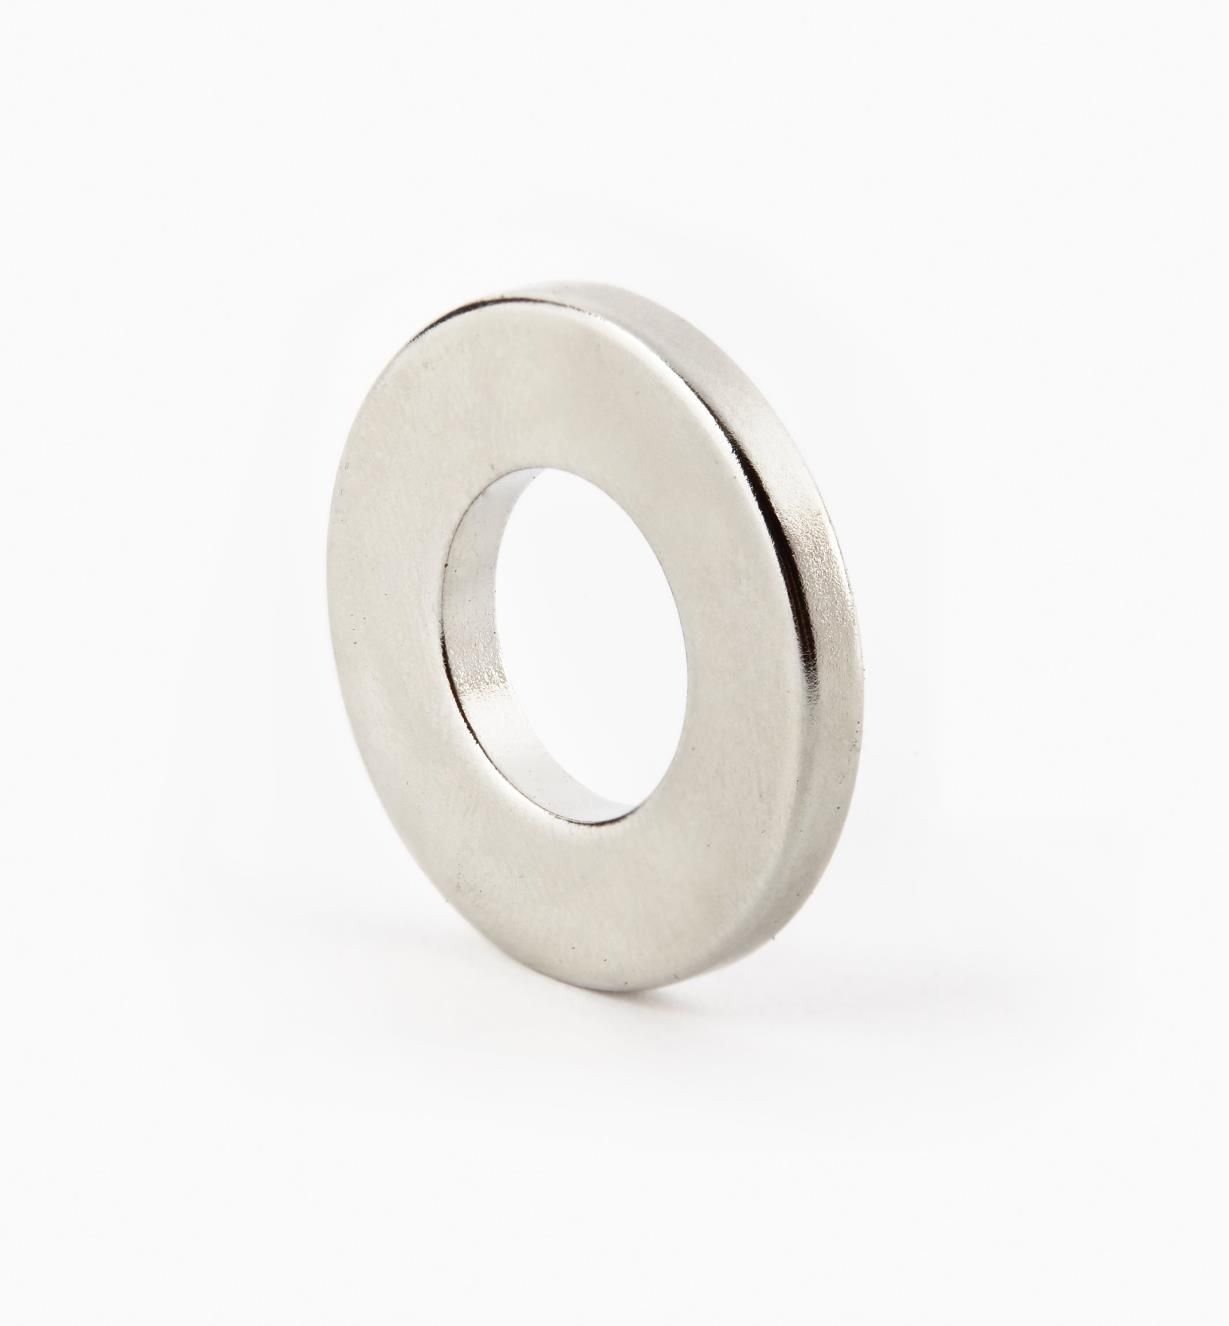 99K3705 - Aimant annulaire, 1pox1/8po (1/2po)